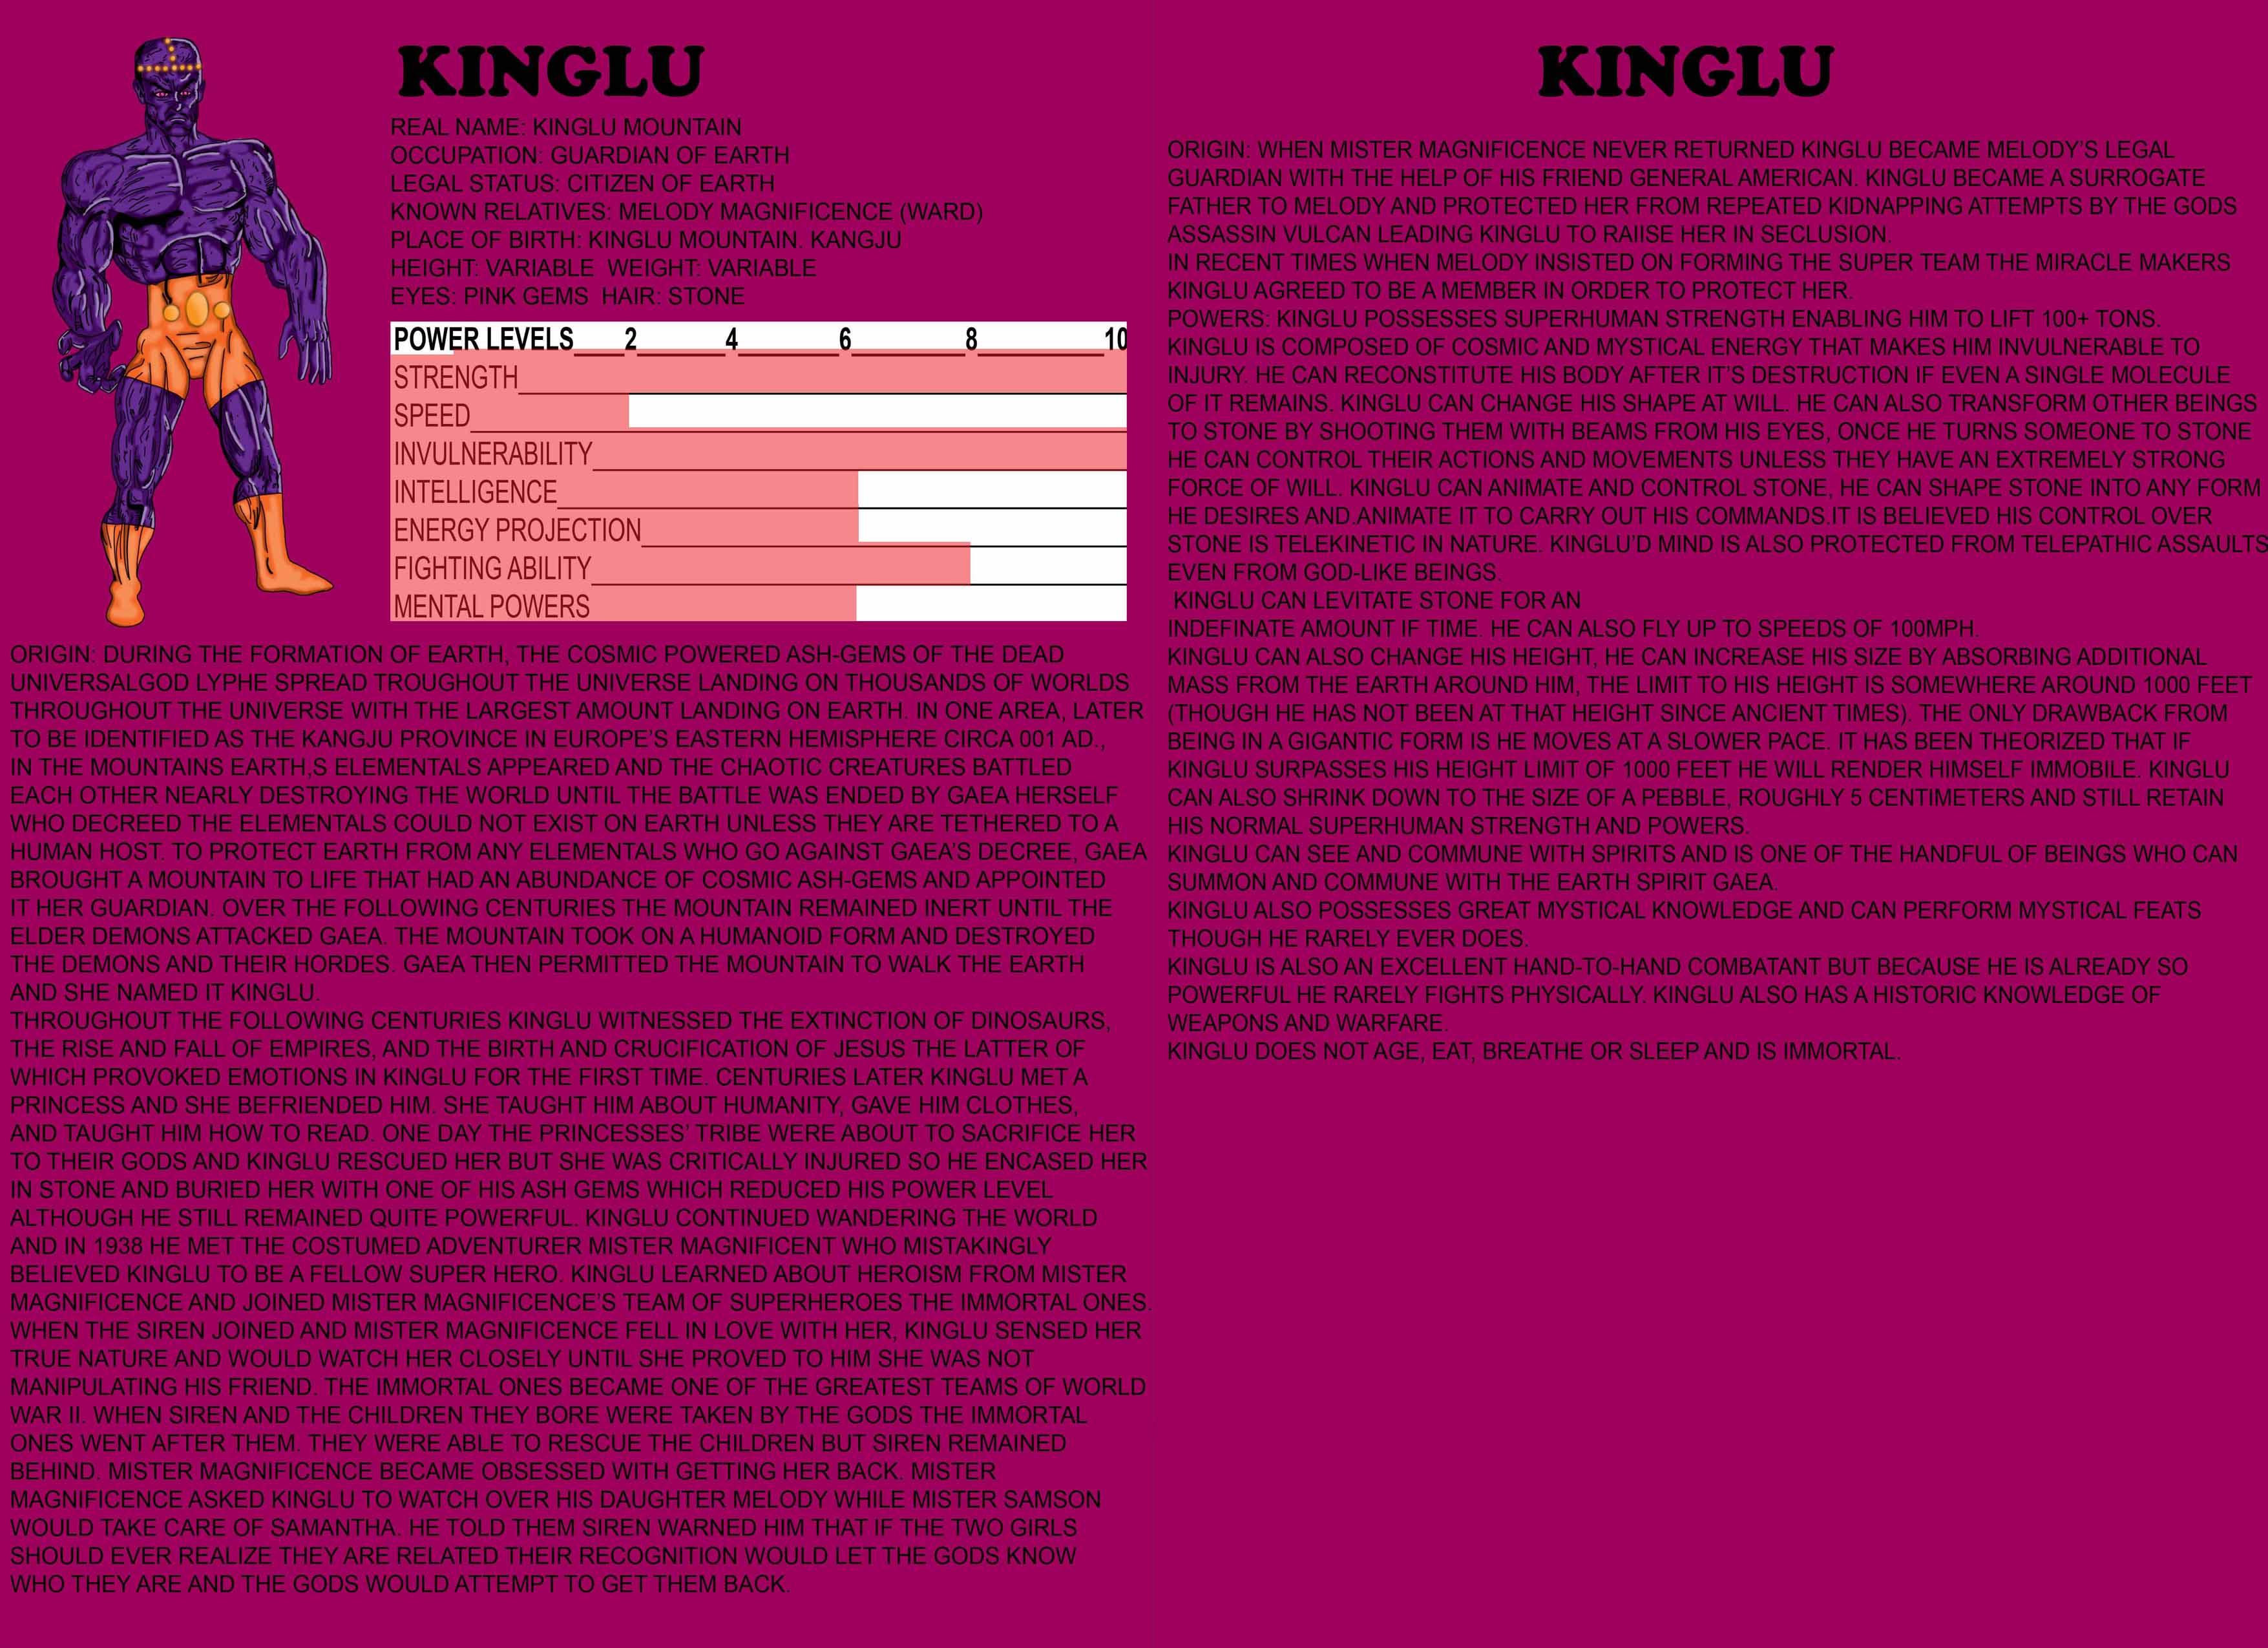 Kinglu